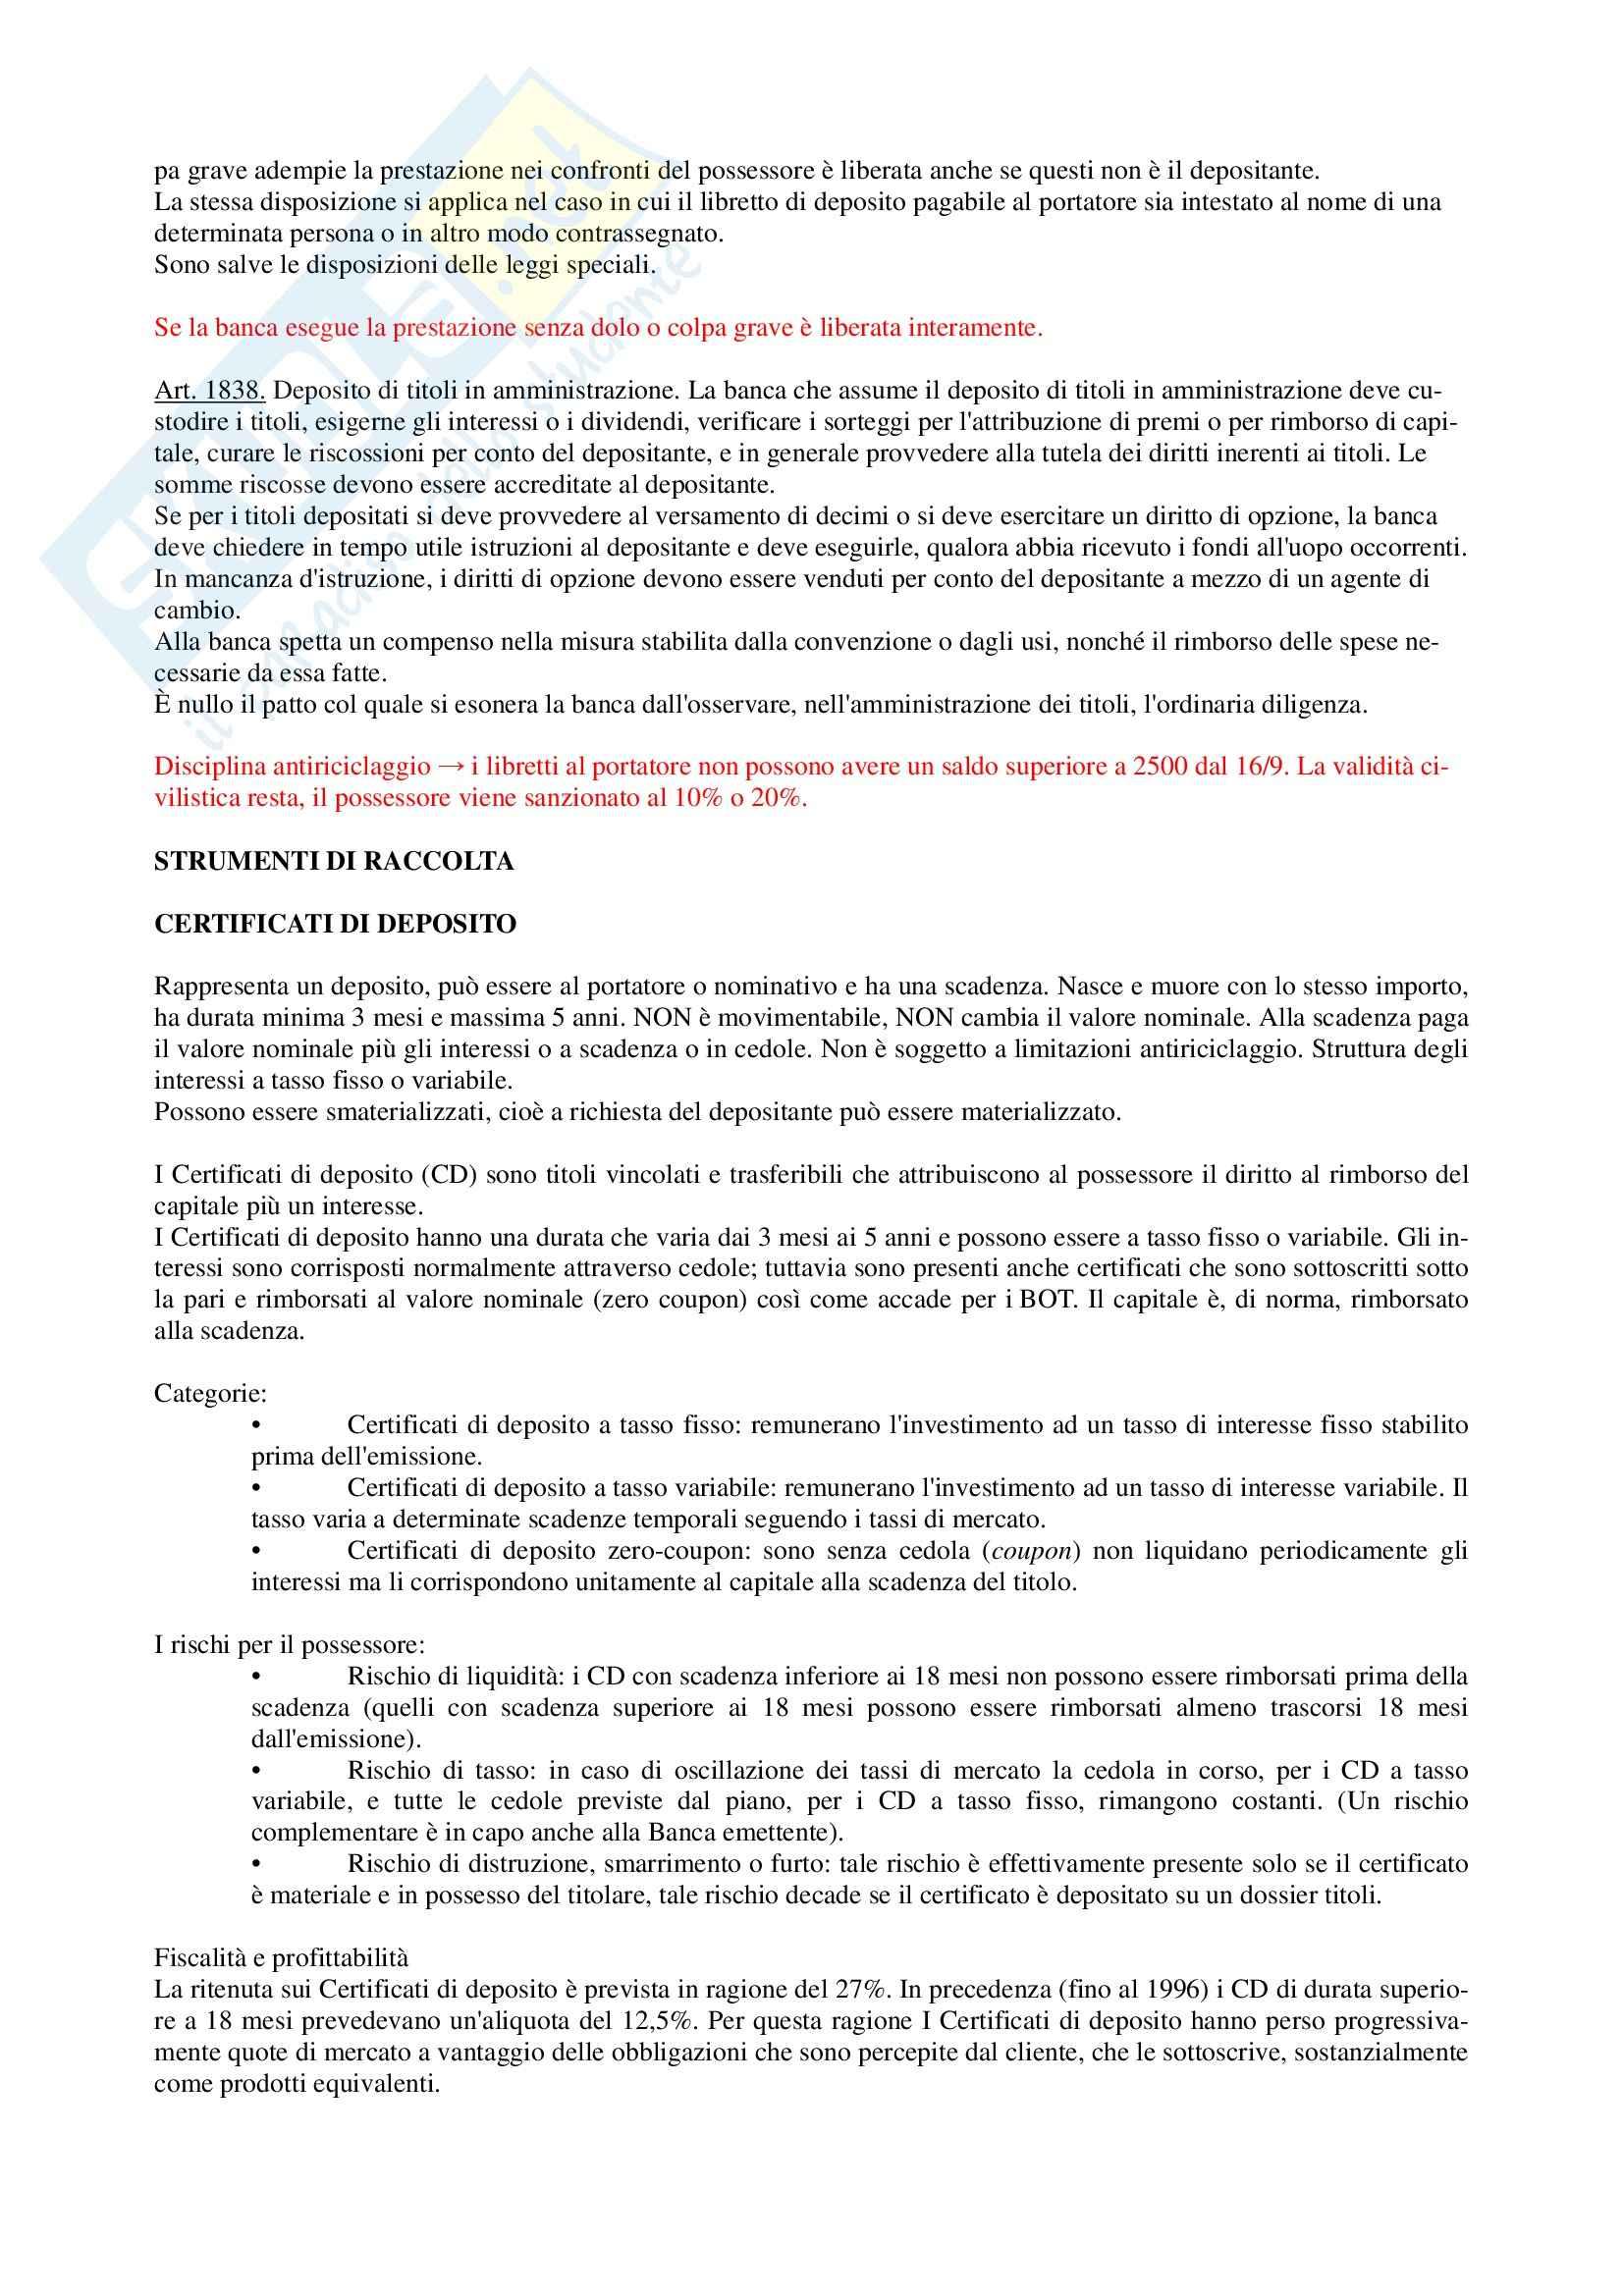 Diritto dei Prodotti Bancari e Assicurativi - Appunti Pag. 2